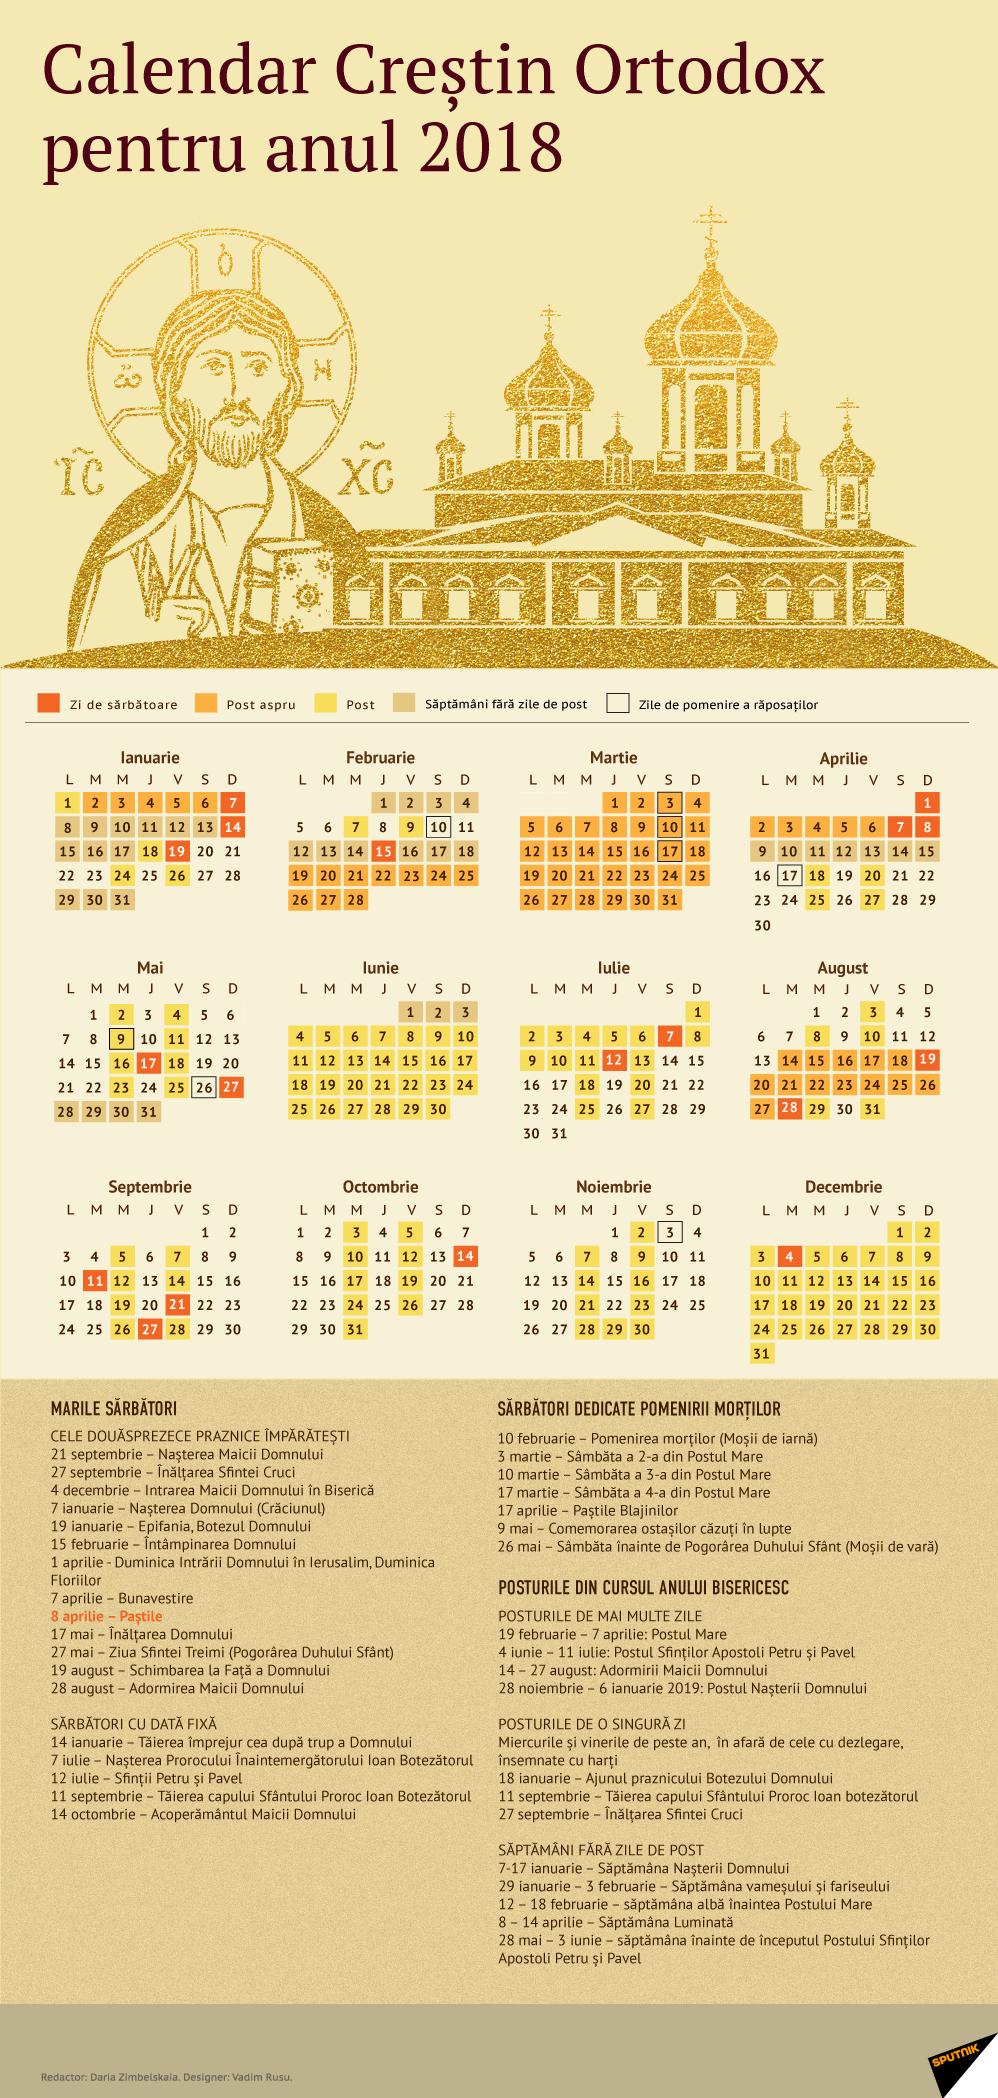 Calendar Creștin Ortodox 2018 Calendar 0Rtodox 2019